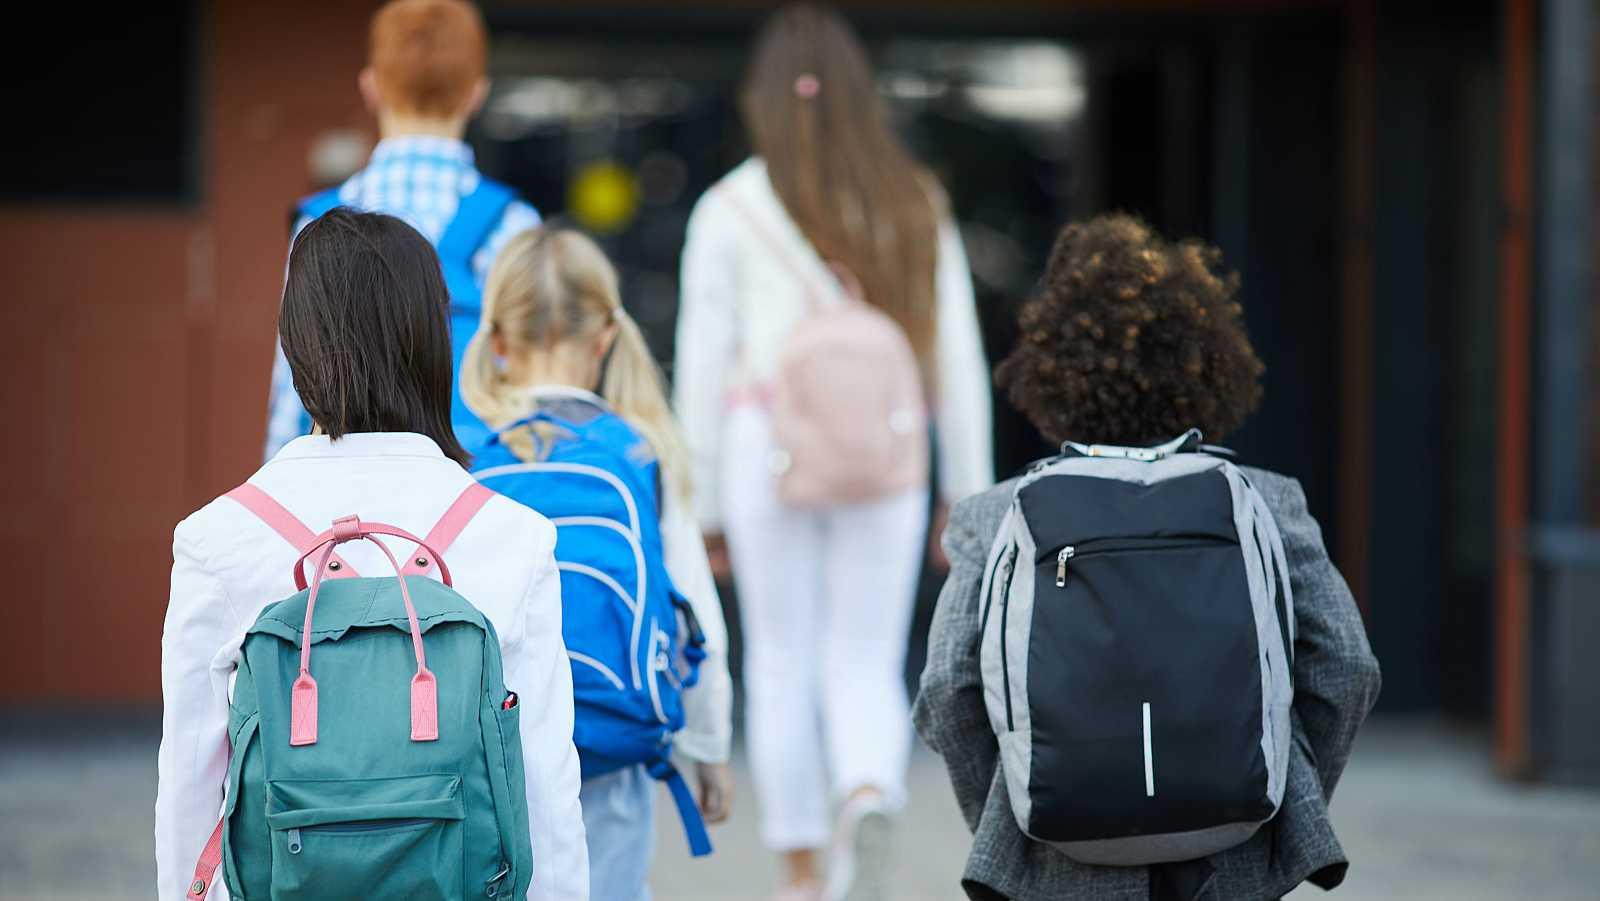 Nueve de cada diez niñas en el mundo padecen ansiedad por la pandemia, las más afectadas en España e India.